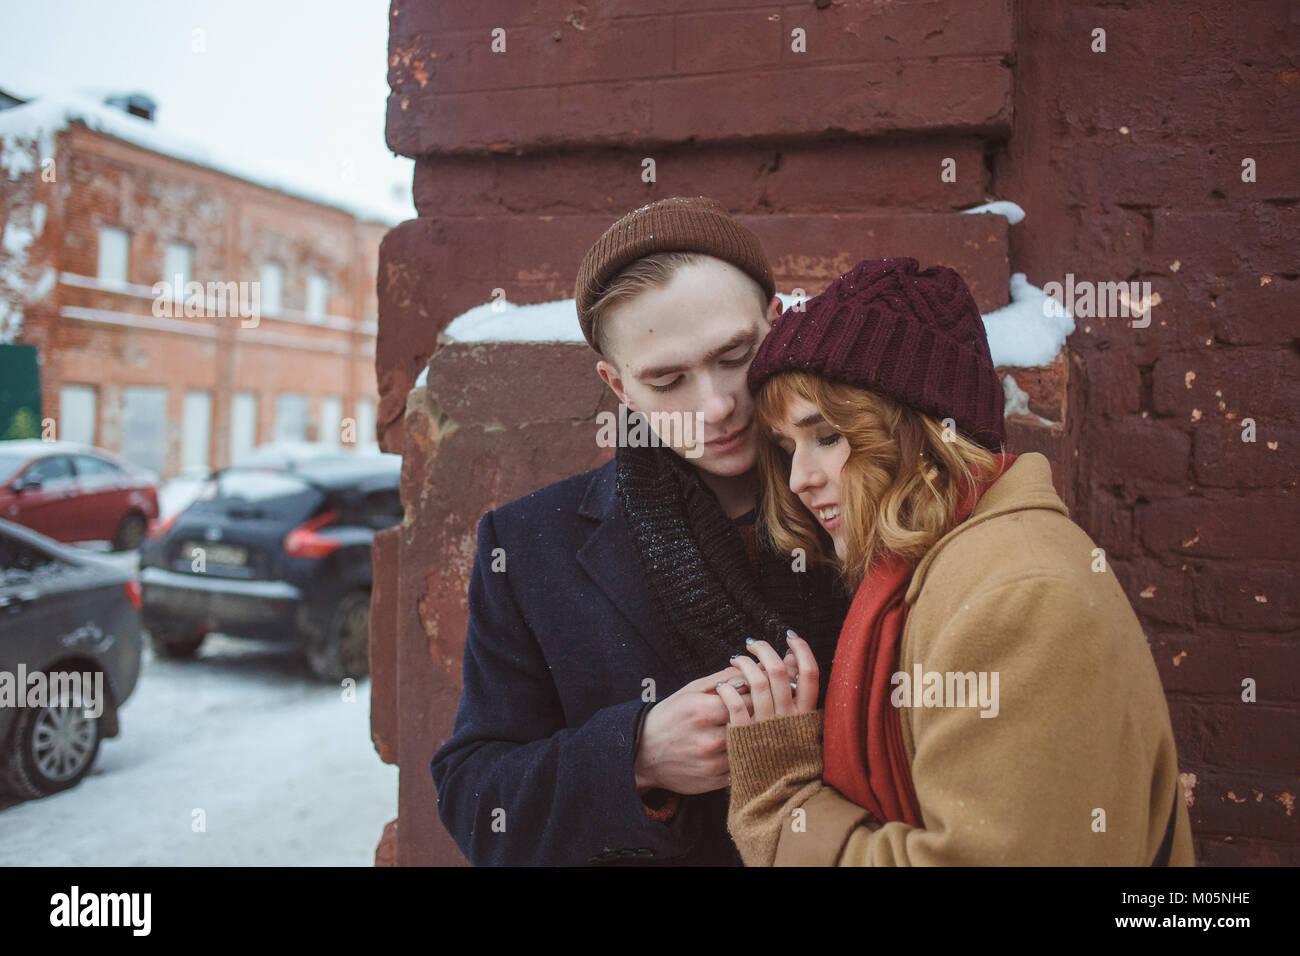 Giovane uomo e donna abbracciando vicino a Brick angolo dell'edificio. Inverno street. Privacy in luoghi appartati Immagini Stock